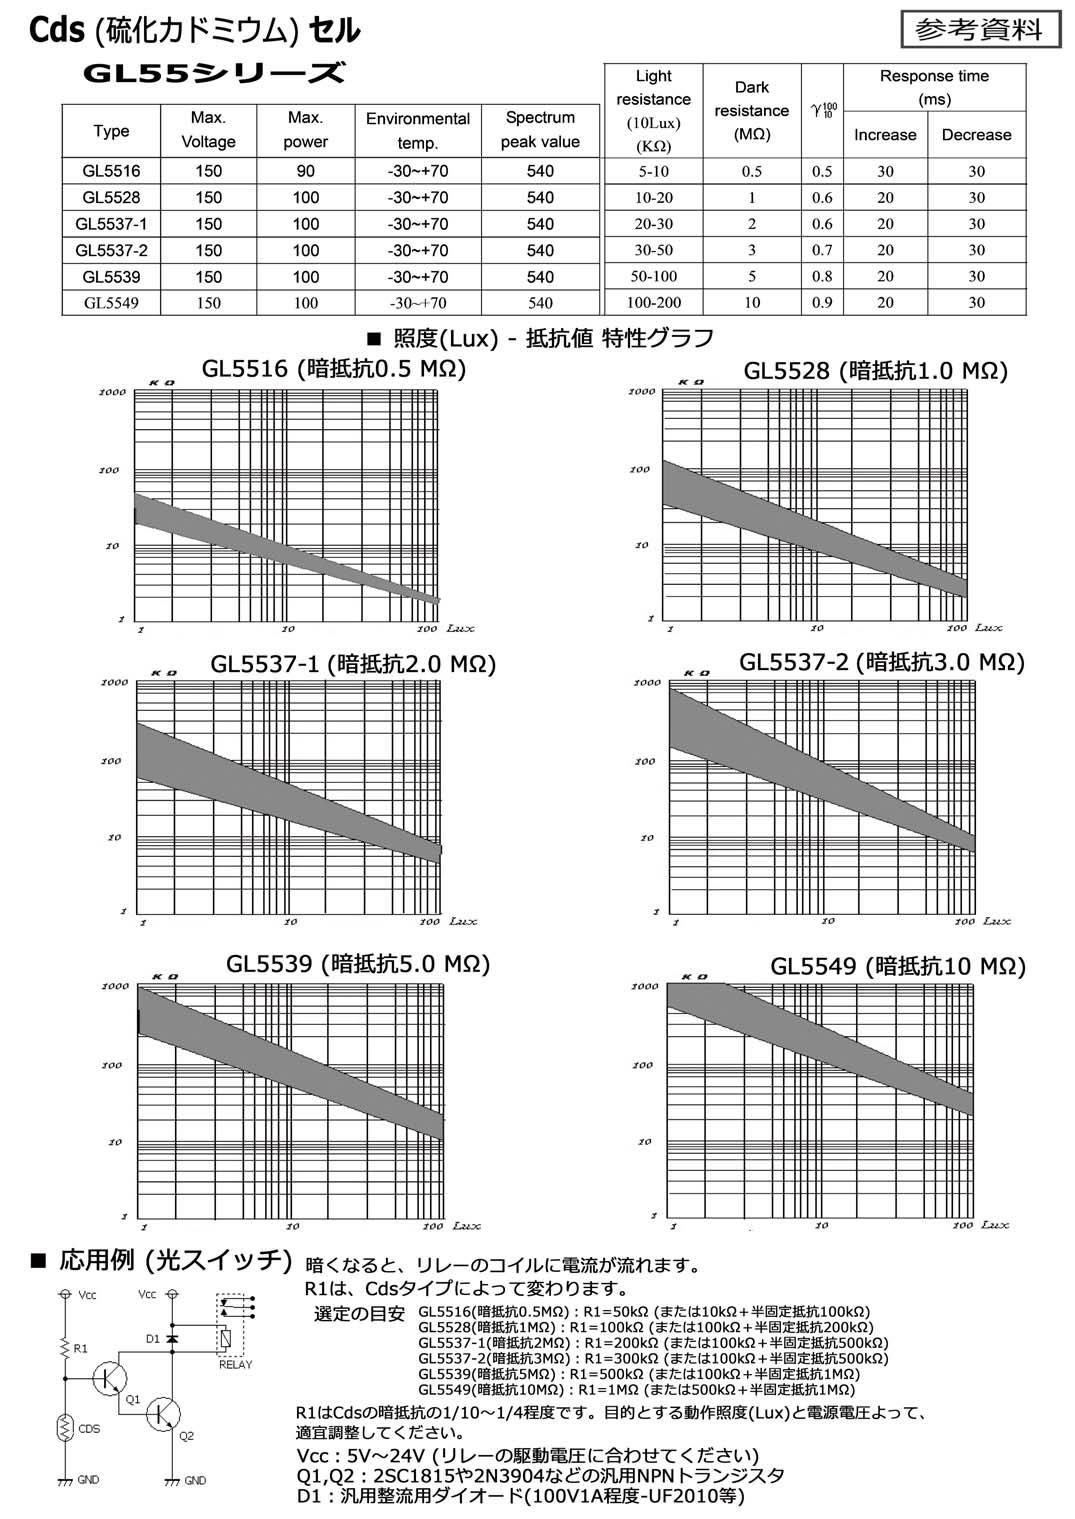 gl5516 datasheet pdf   pinout   - gl5516